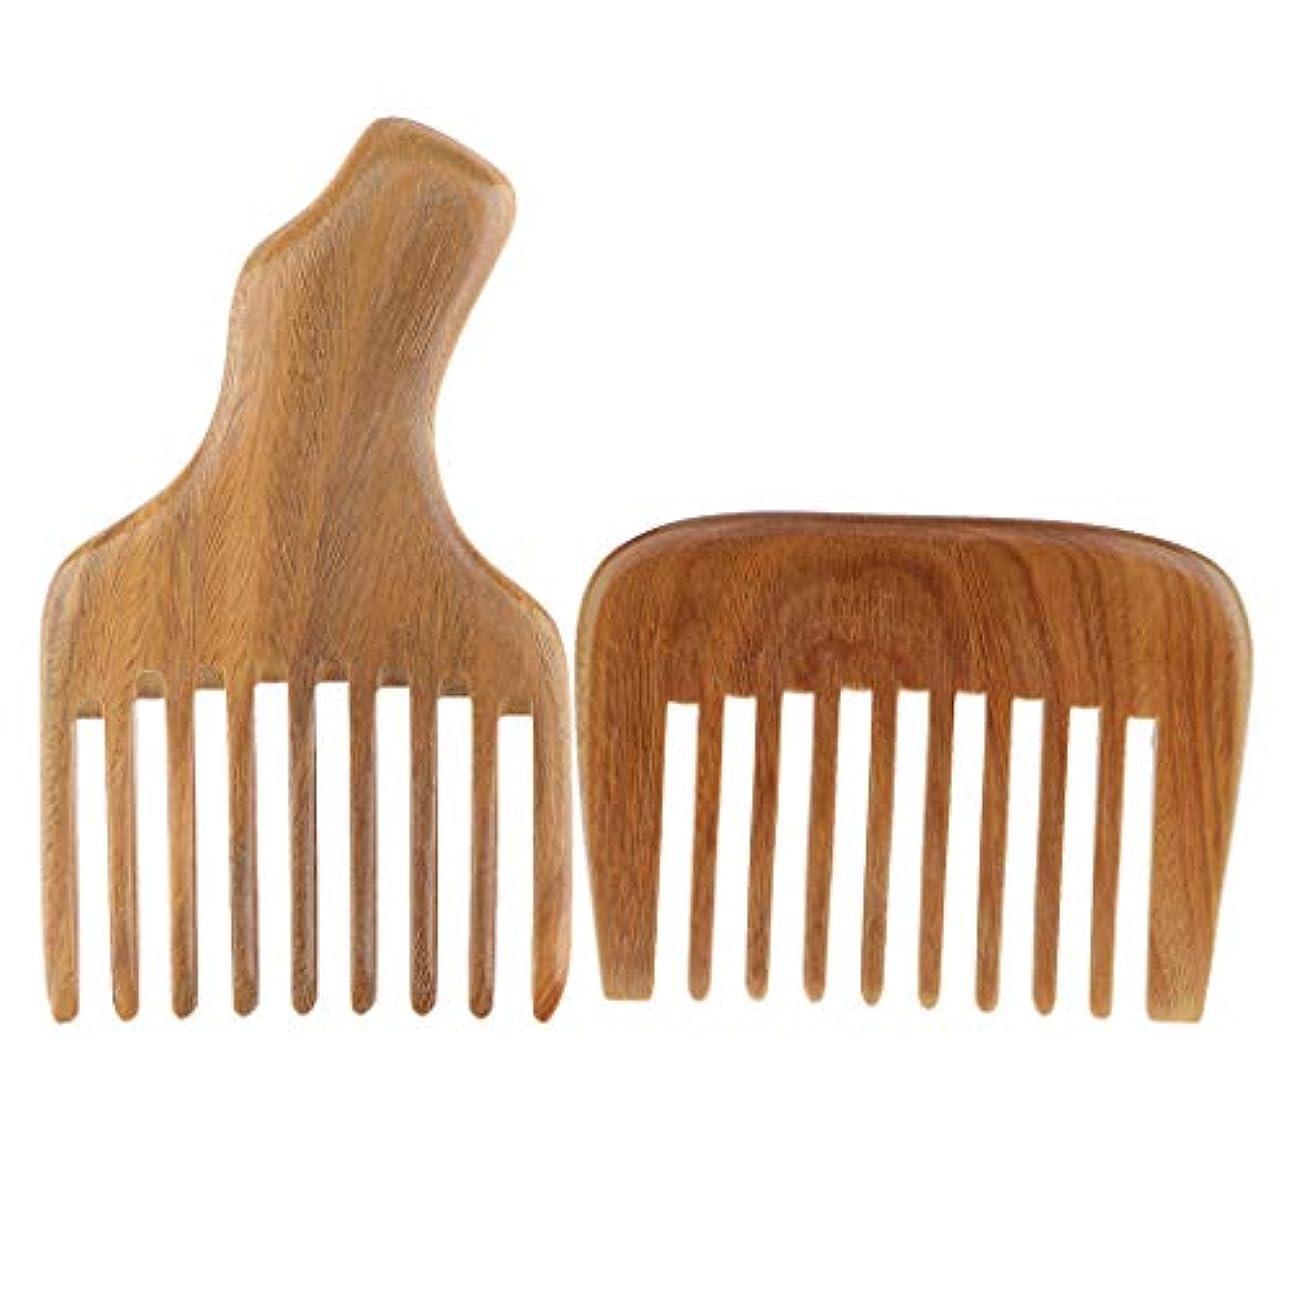 スタッフ活発全国2個 木製櫛 ウッドコーム ワイド歯 ギフト 髪型 ひげ 口ひげ